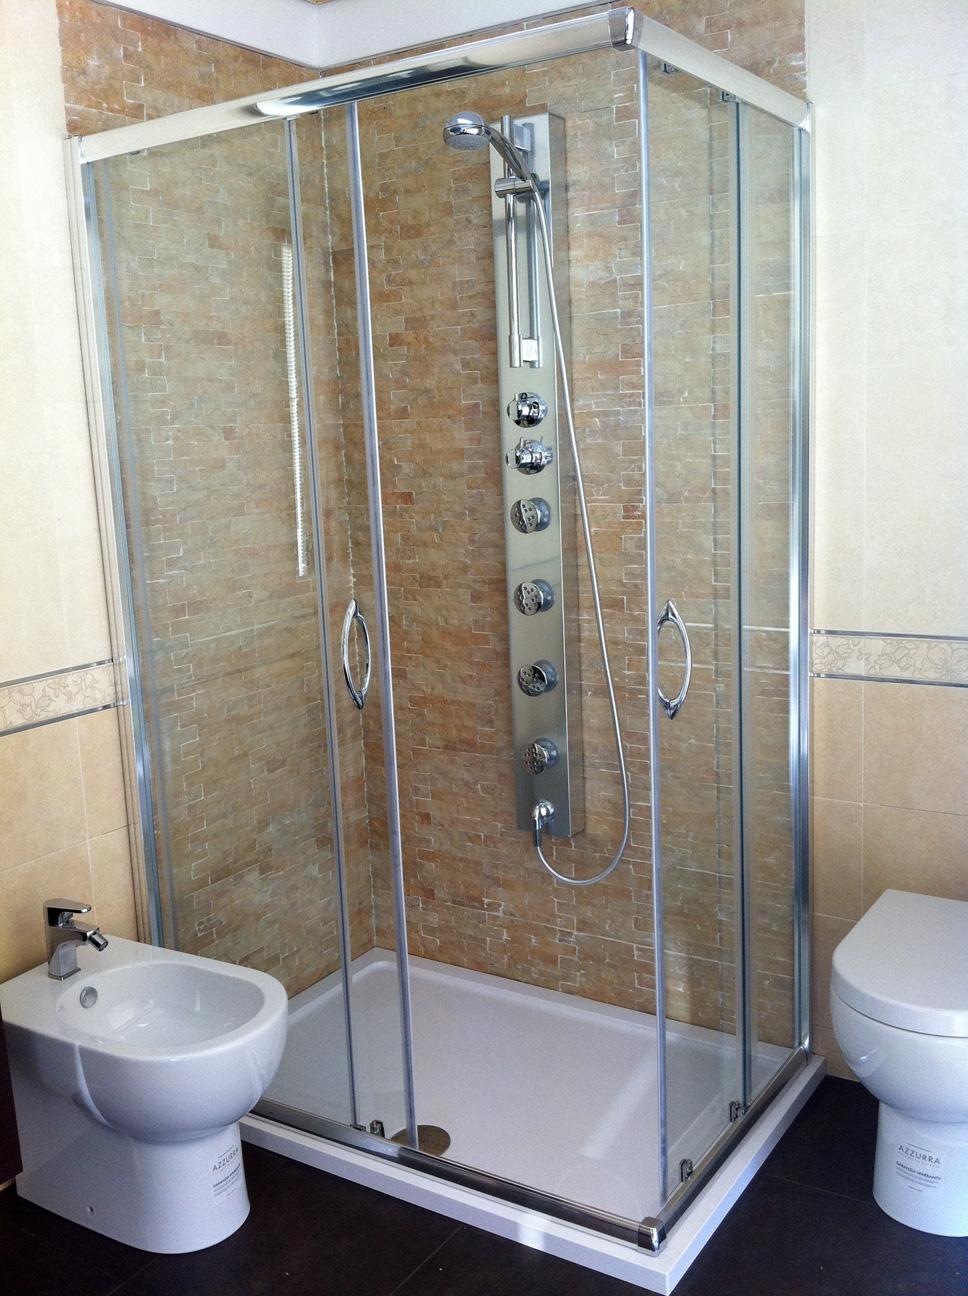 Arckstone offerta sottocosto rivestimento bagno pianella pietra gres petra arena ebay - Rivestimenti per doccia ...